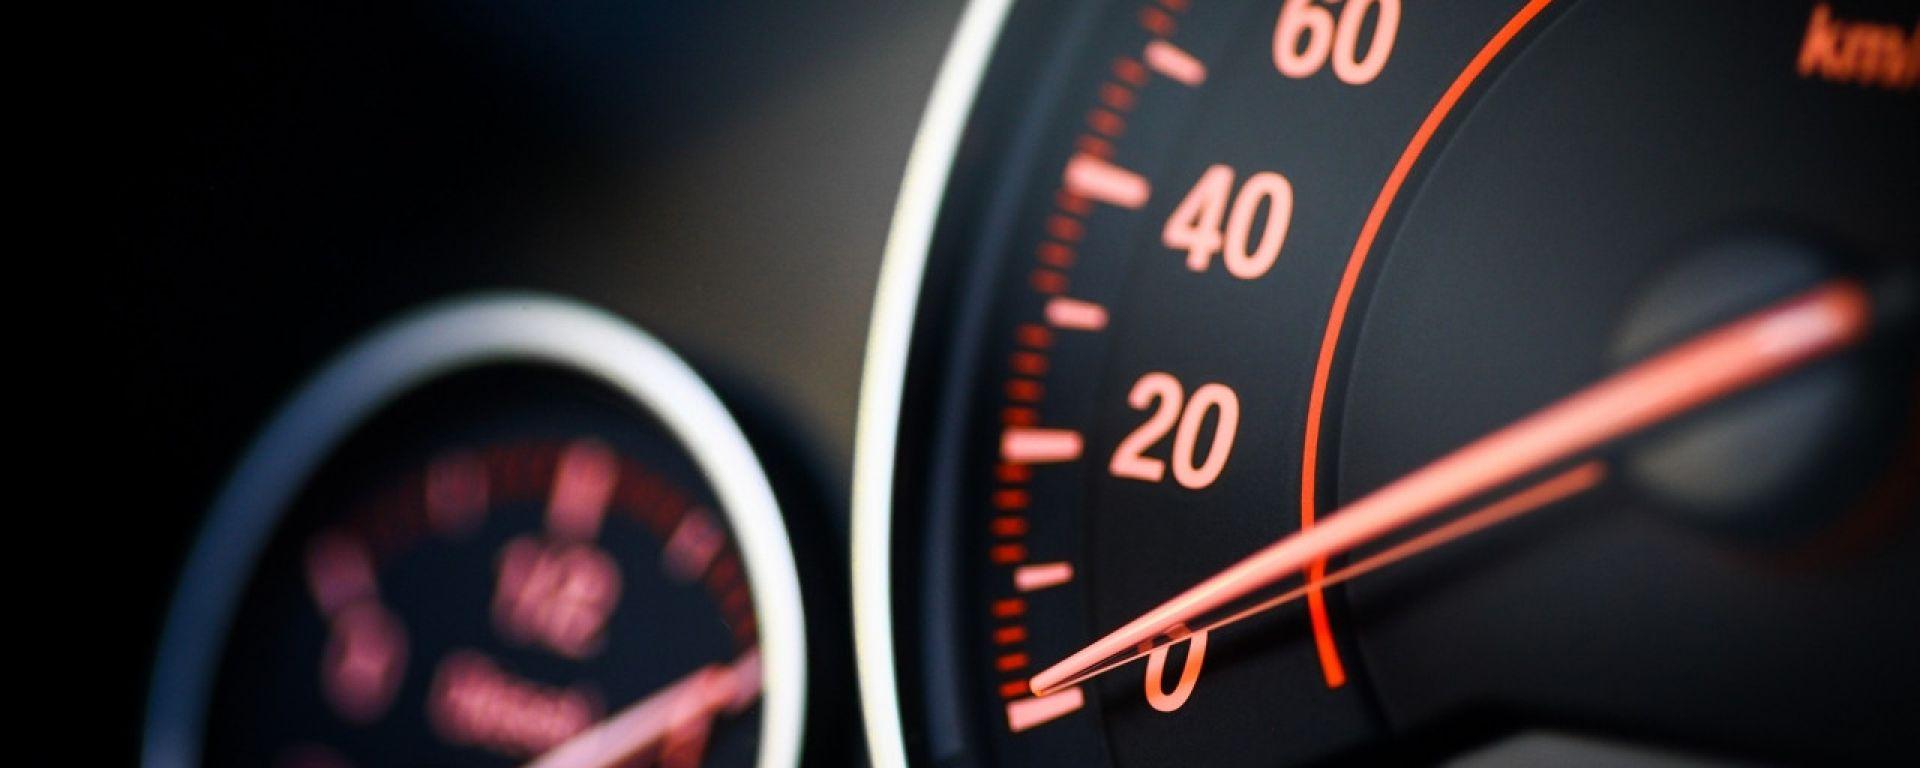 Volvo e la crociata contro la velocità eccessiva